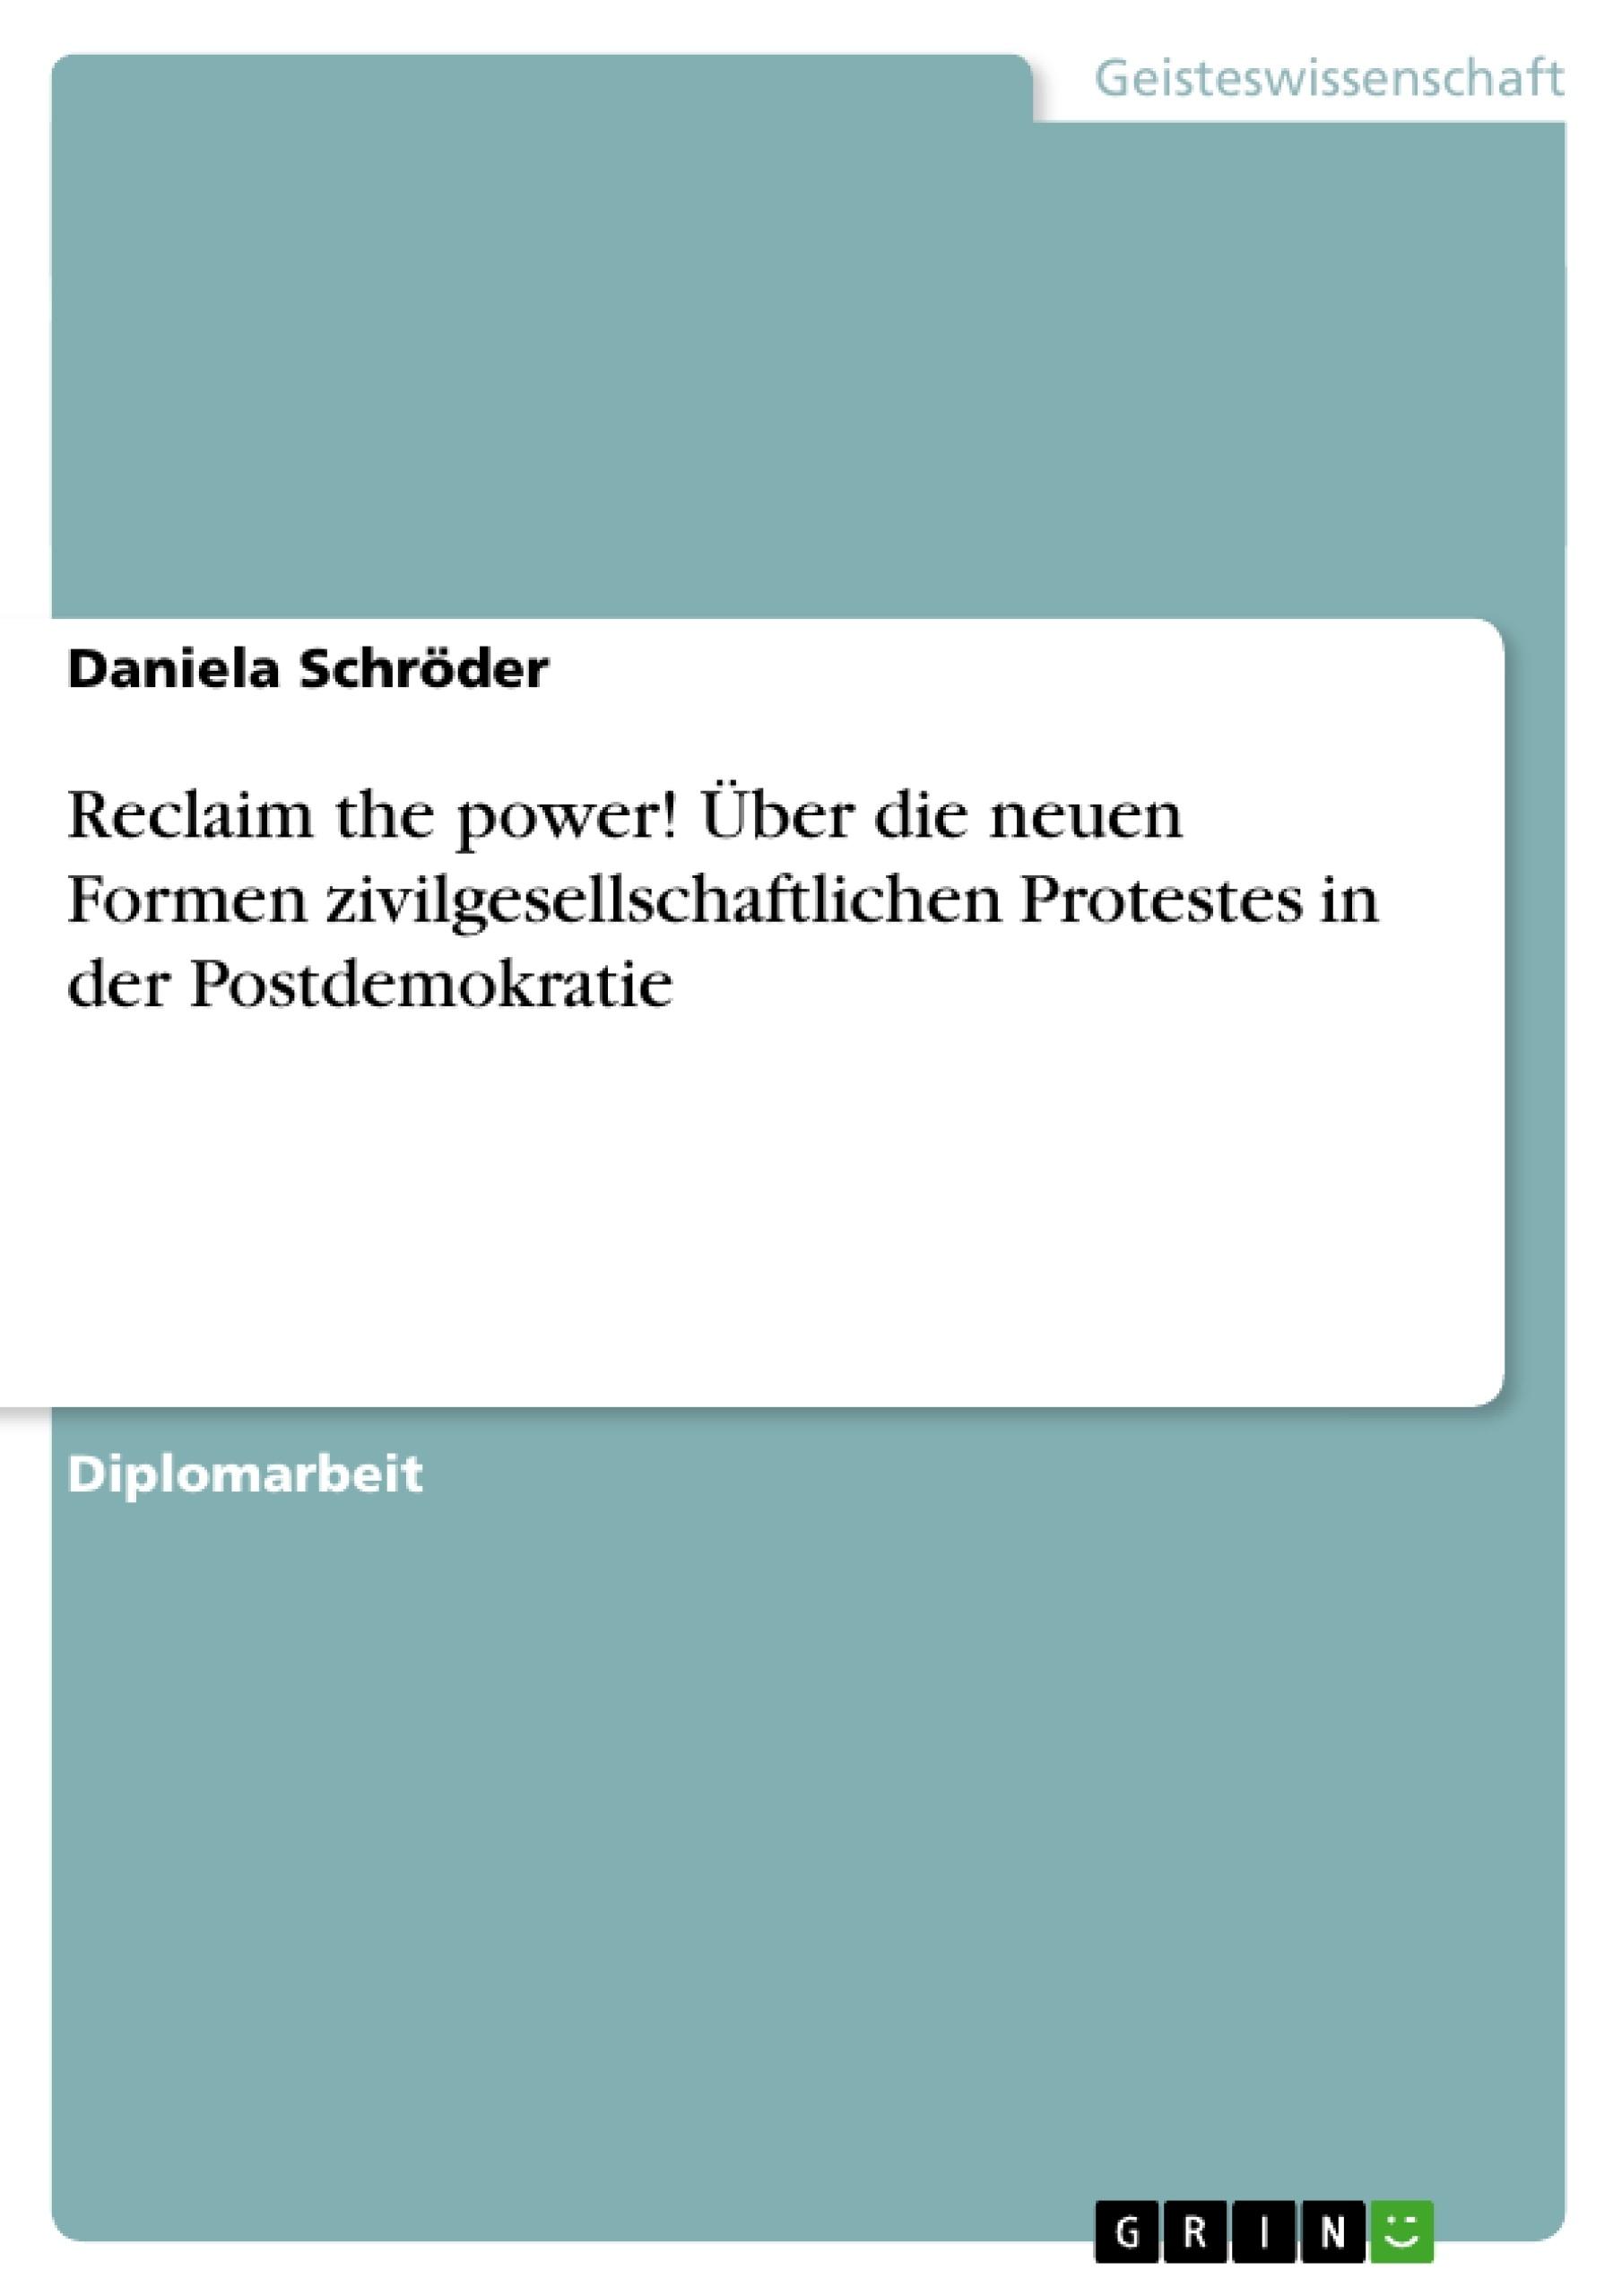 Titel: Reclaim the power! Über die neuen Formen zivilgesellschaftlichen Protestes in der Postdemokratie